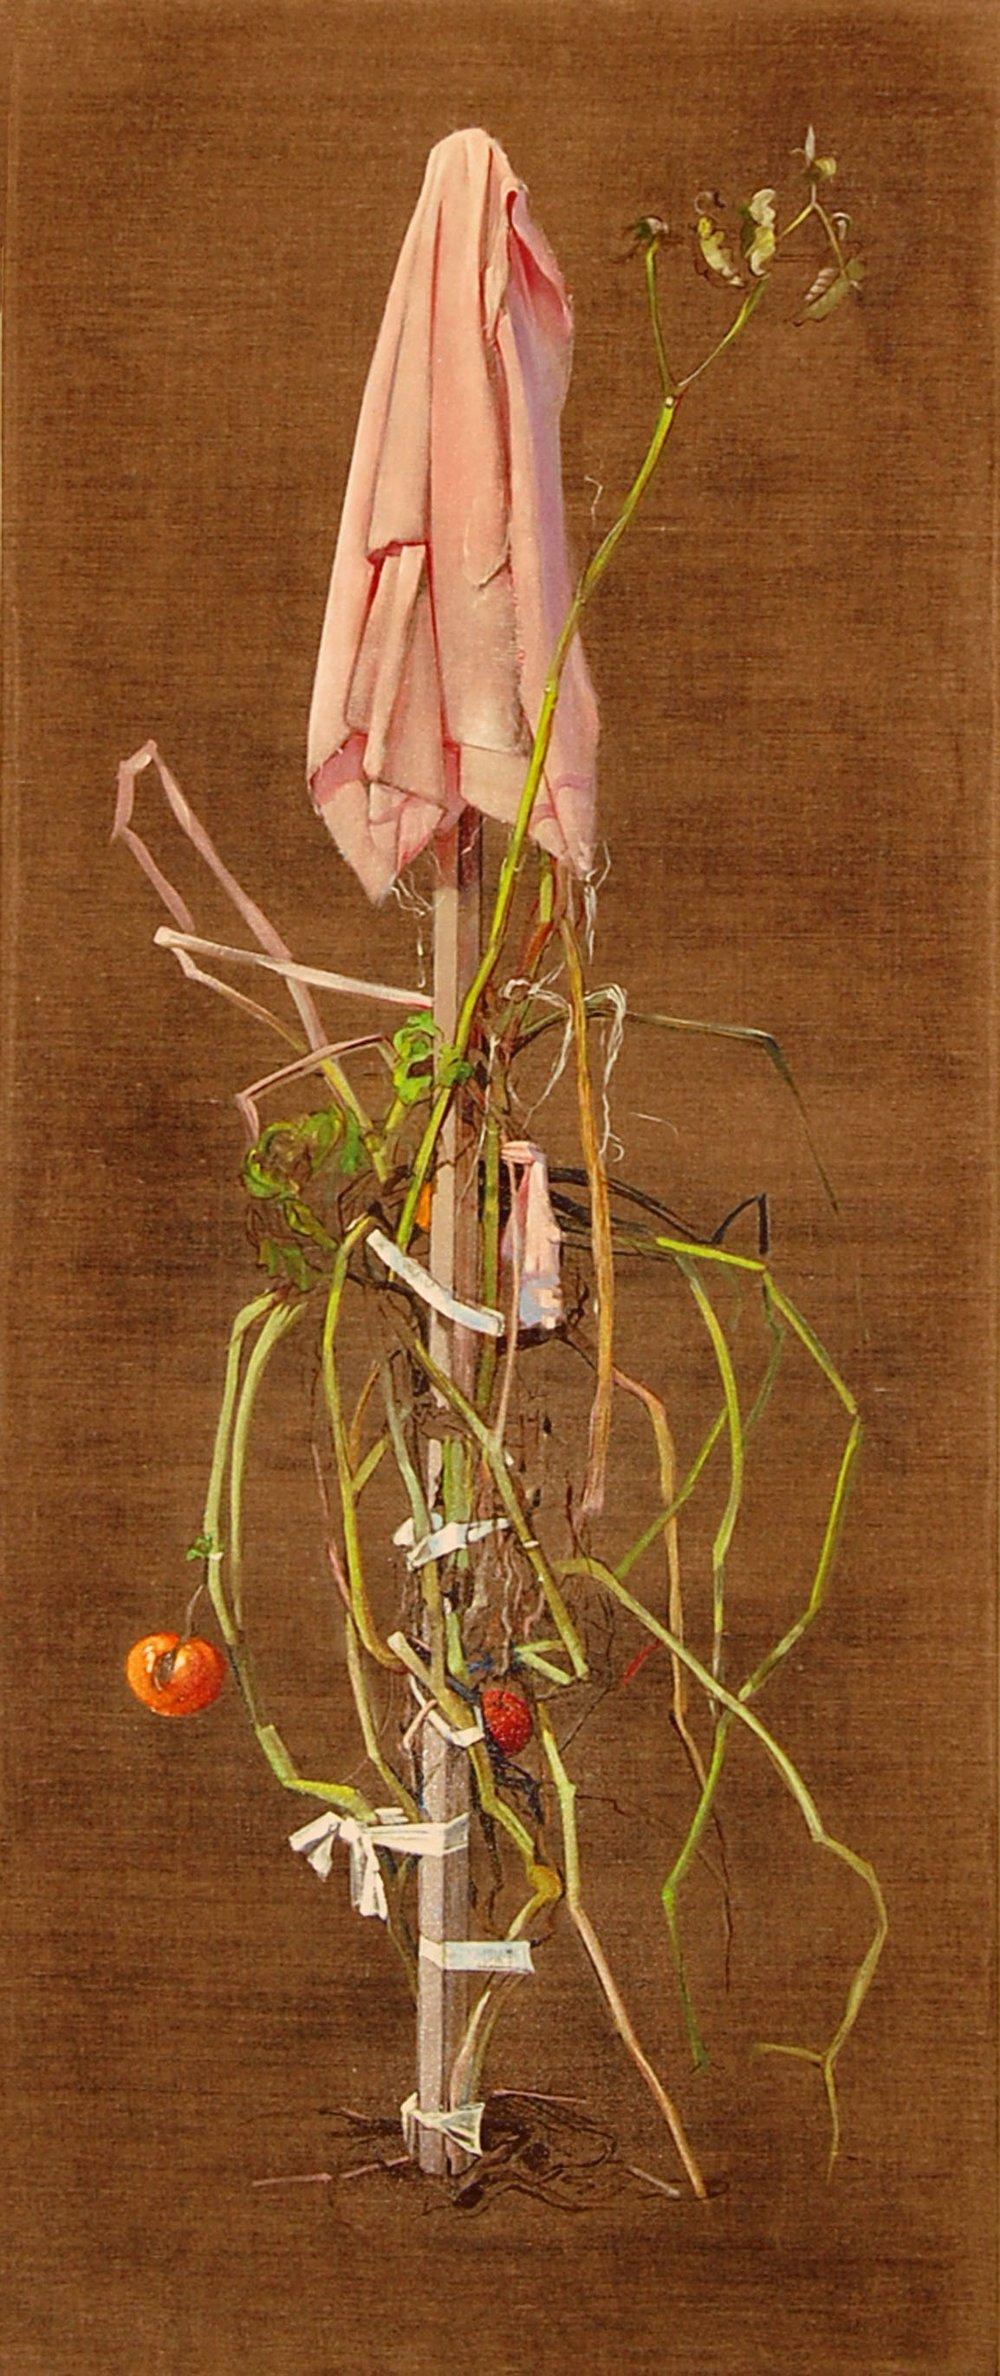 27) Tomato  Plant 2009 22x52 oil on linen.jpg